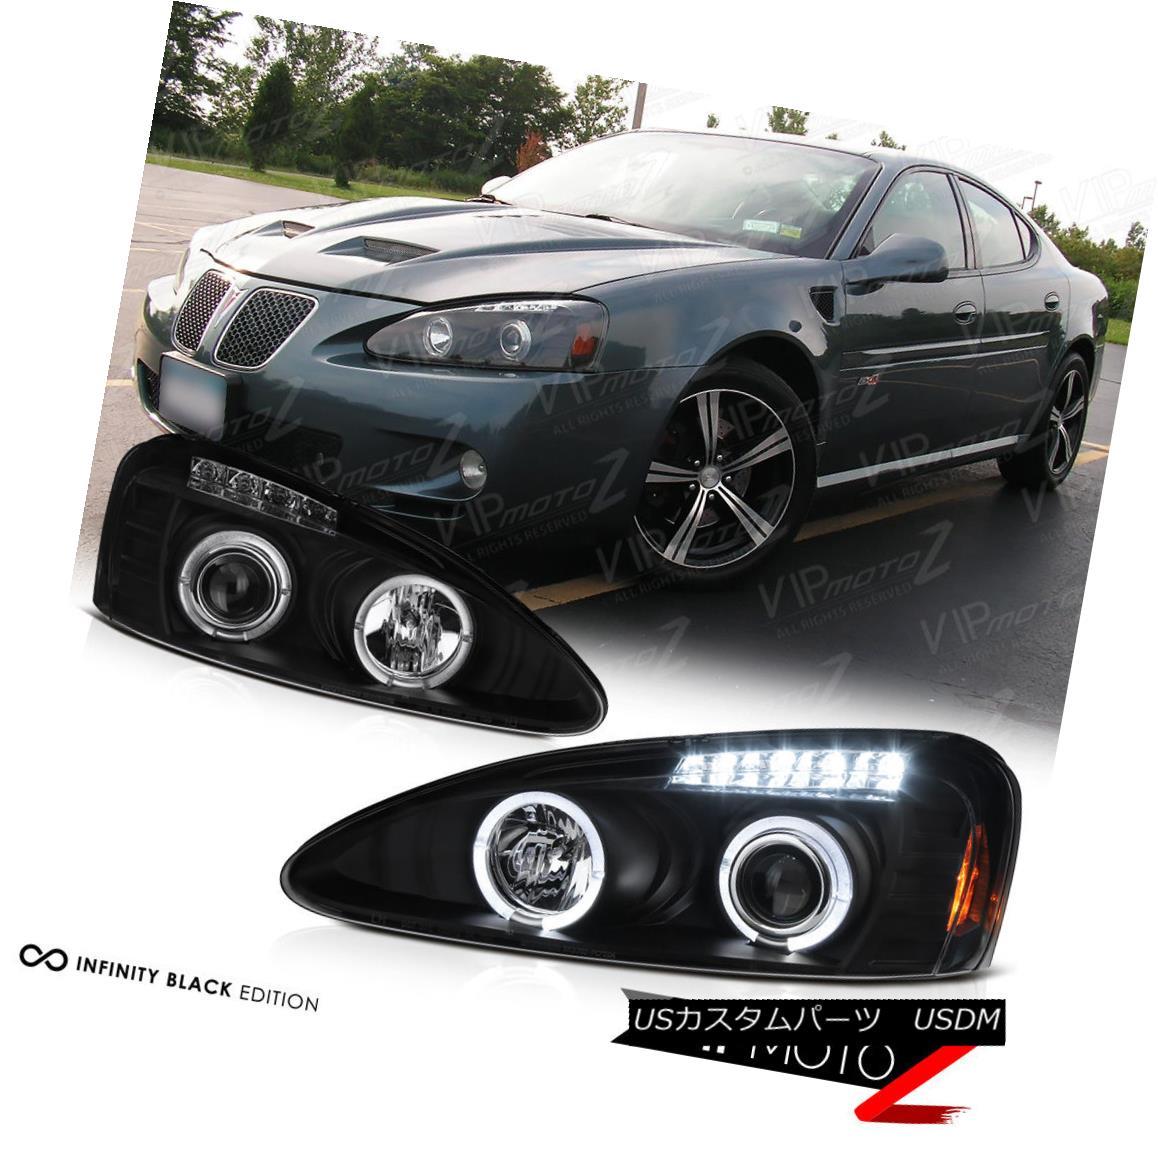 ヘッドライト Black Halo Angel Eye Projector Headlight 04-08 Pontiac Grand Prix GT1 GT2 GTP ブラックハローエンジェルアイプロジェクターヘッドライト04-08ポンティアックグランプリGT1 GT2 GTP